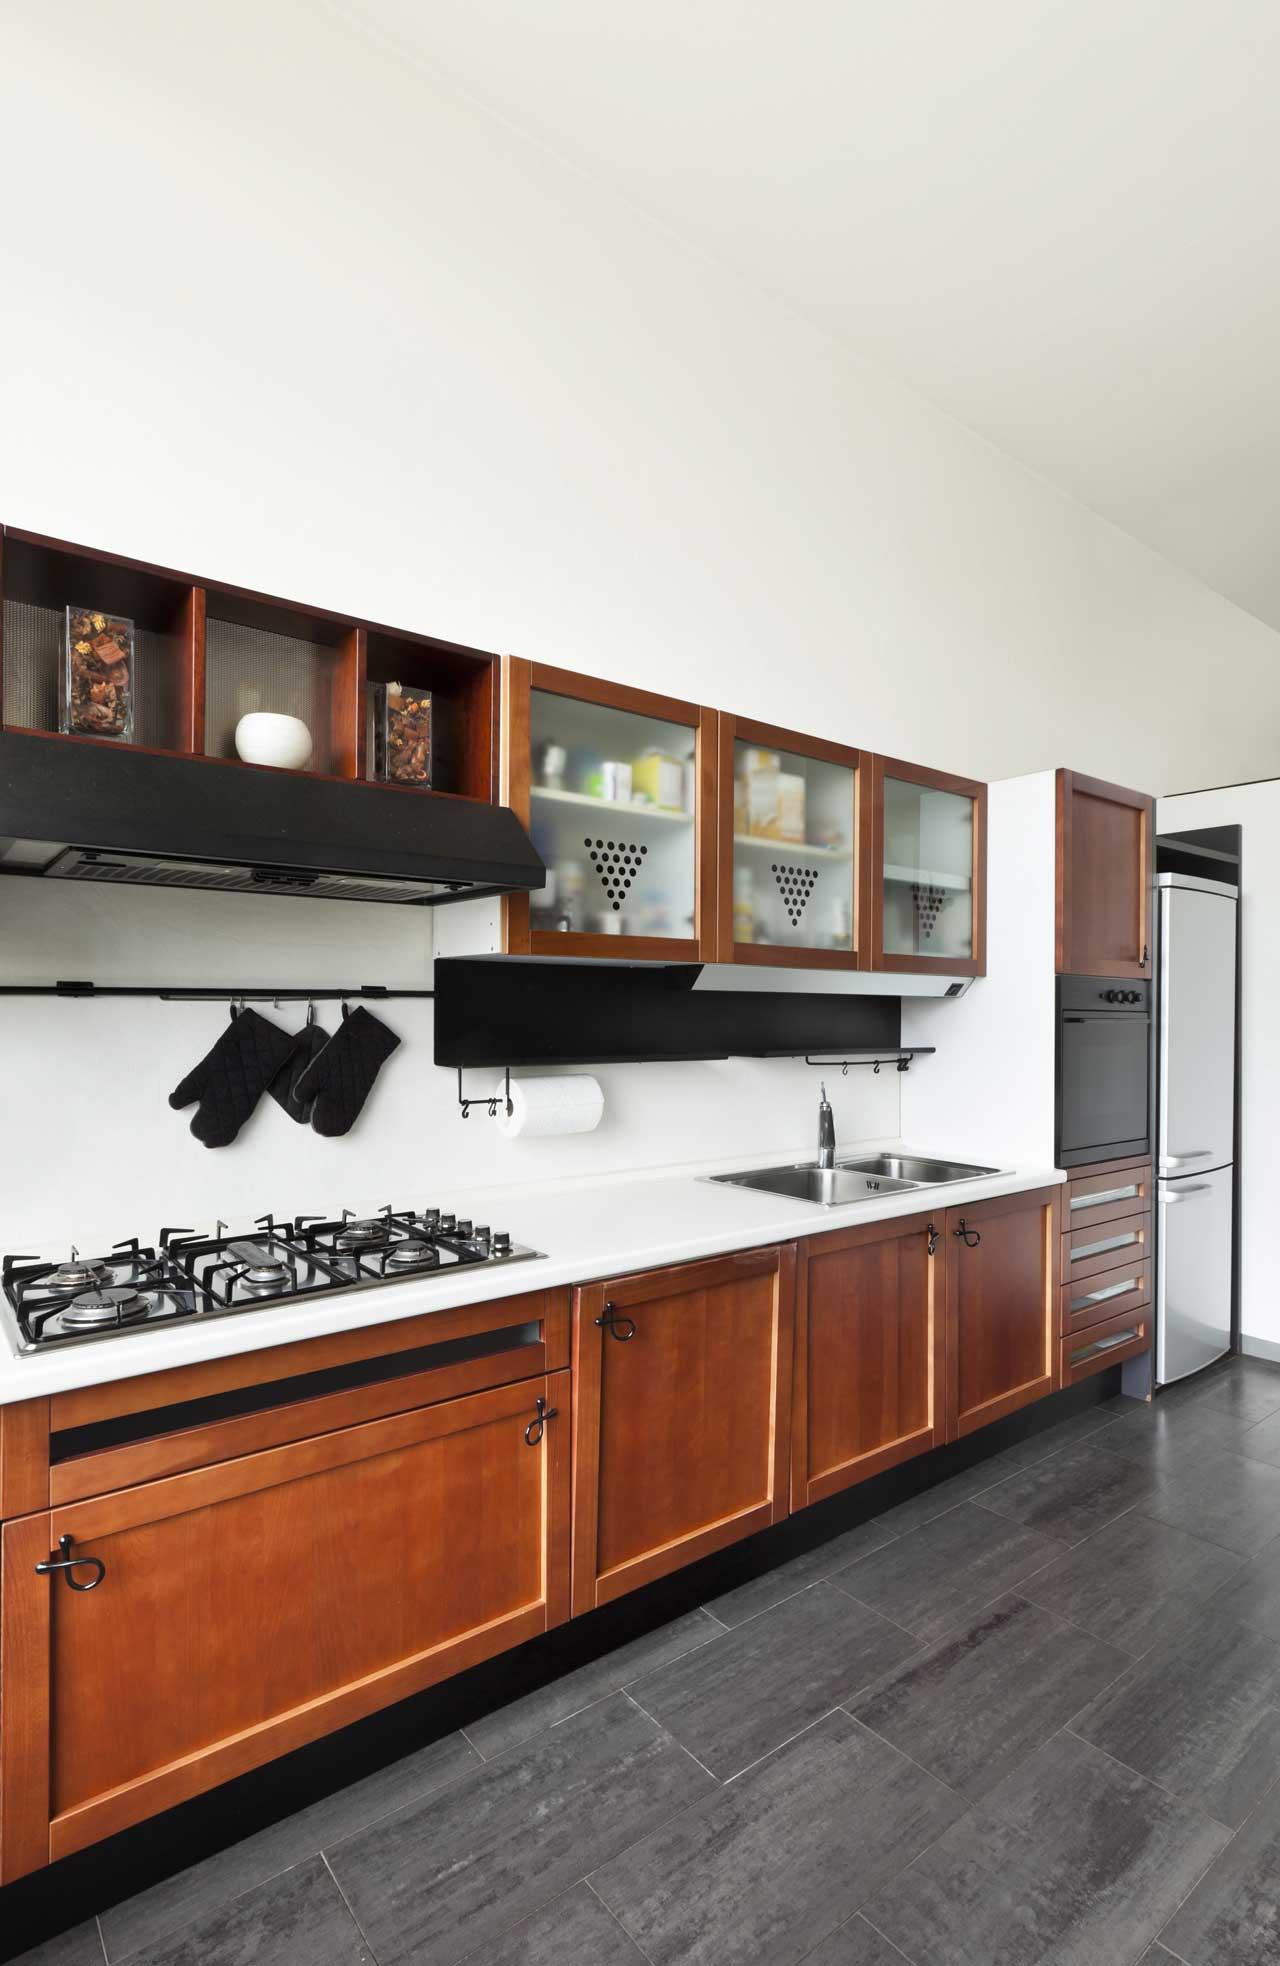 מטבחים מעץ חברות לעיצוב וייצור מטבחים מודרניים יודעים לתת שירות מקצועי עם מלא ידע מקצועי שיודעים להתאים לכל לקוח מטבחים מתאימים תוך כדי שימוש בחומרים מעולים